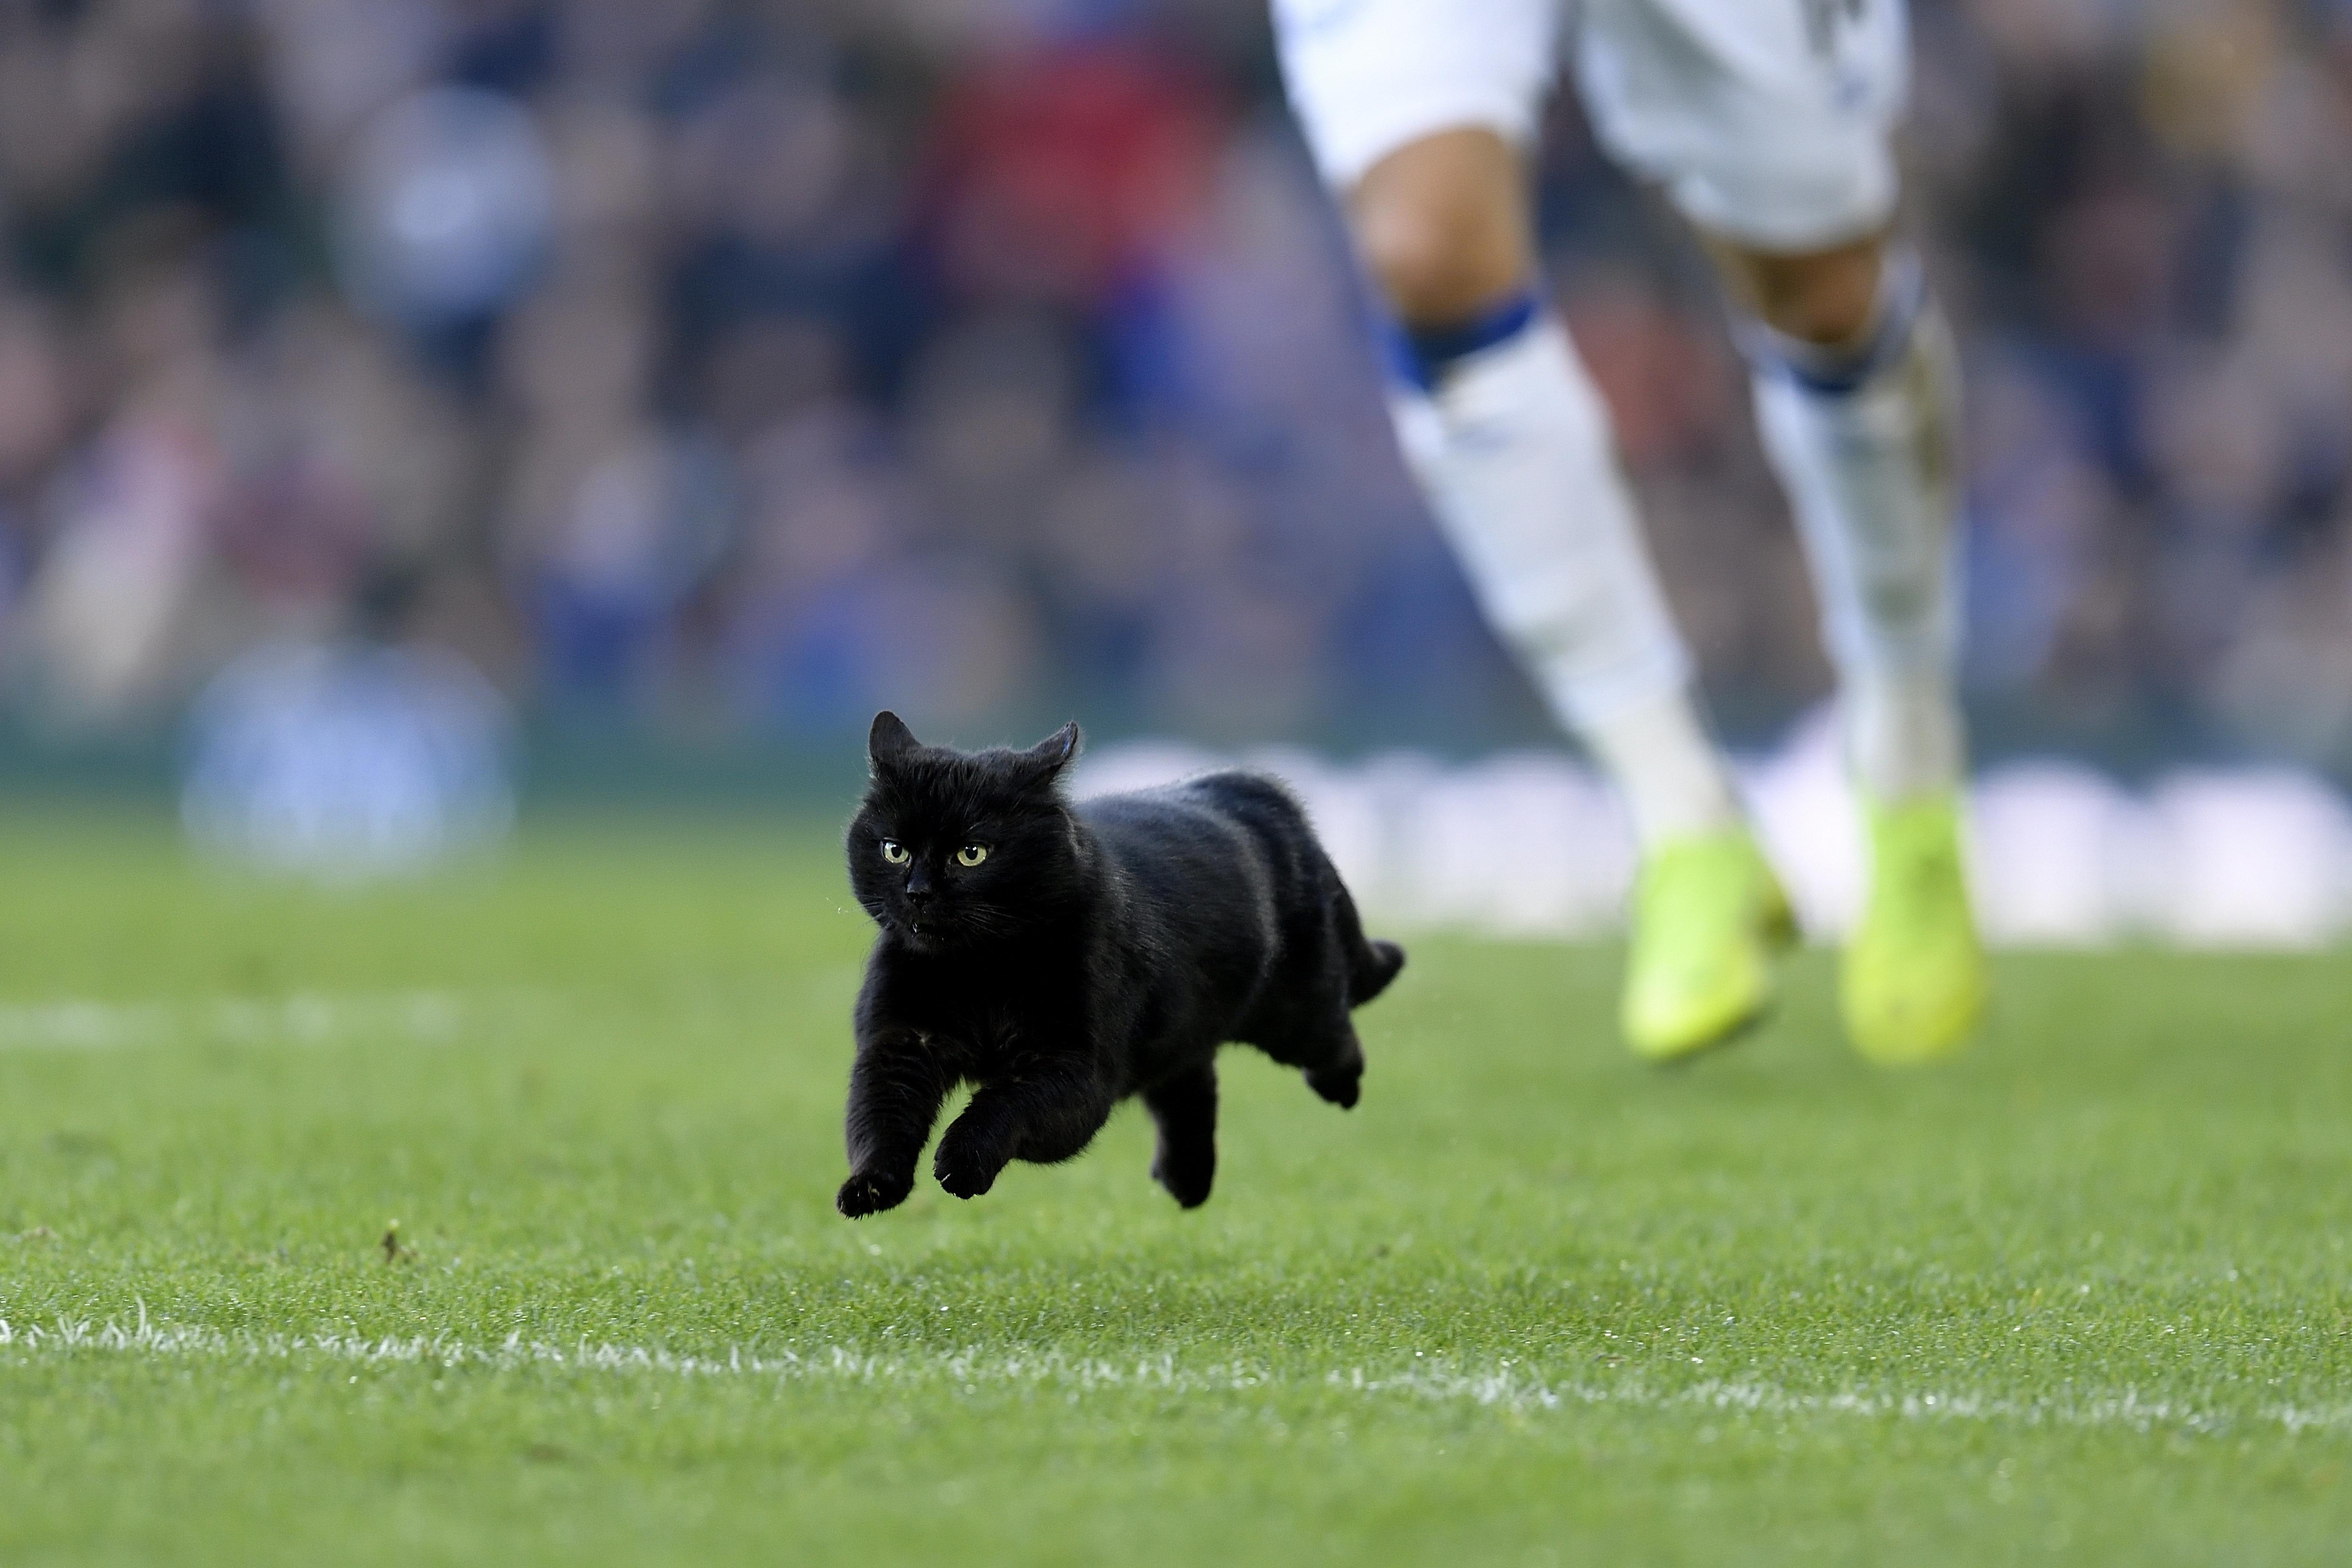 프리미어 리그 경기에 검은 고양이가